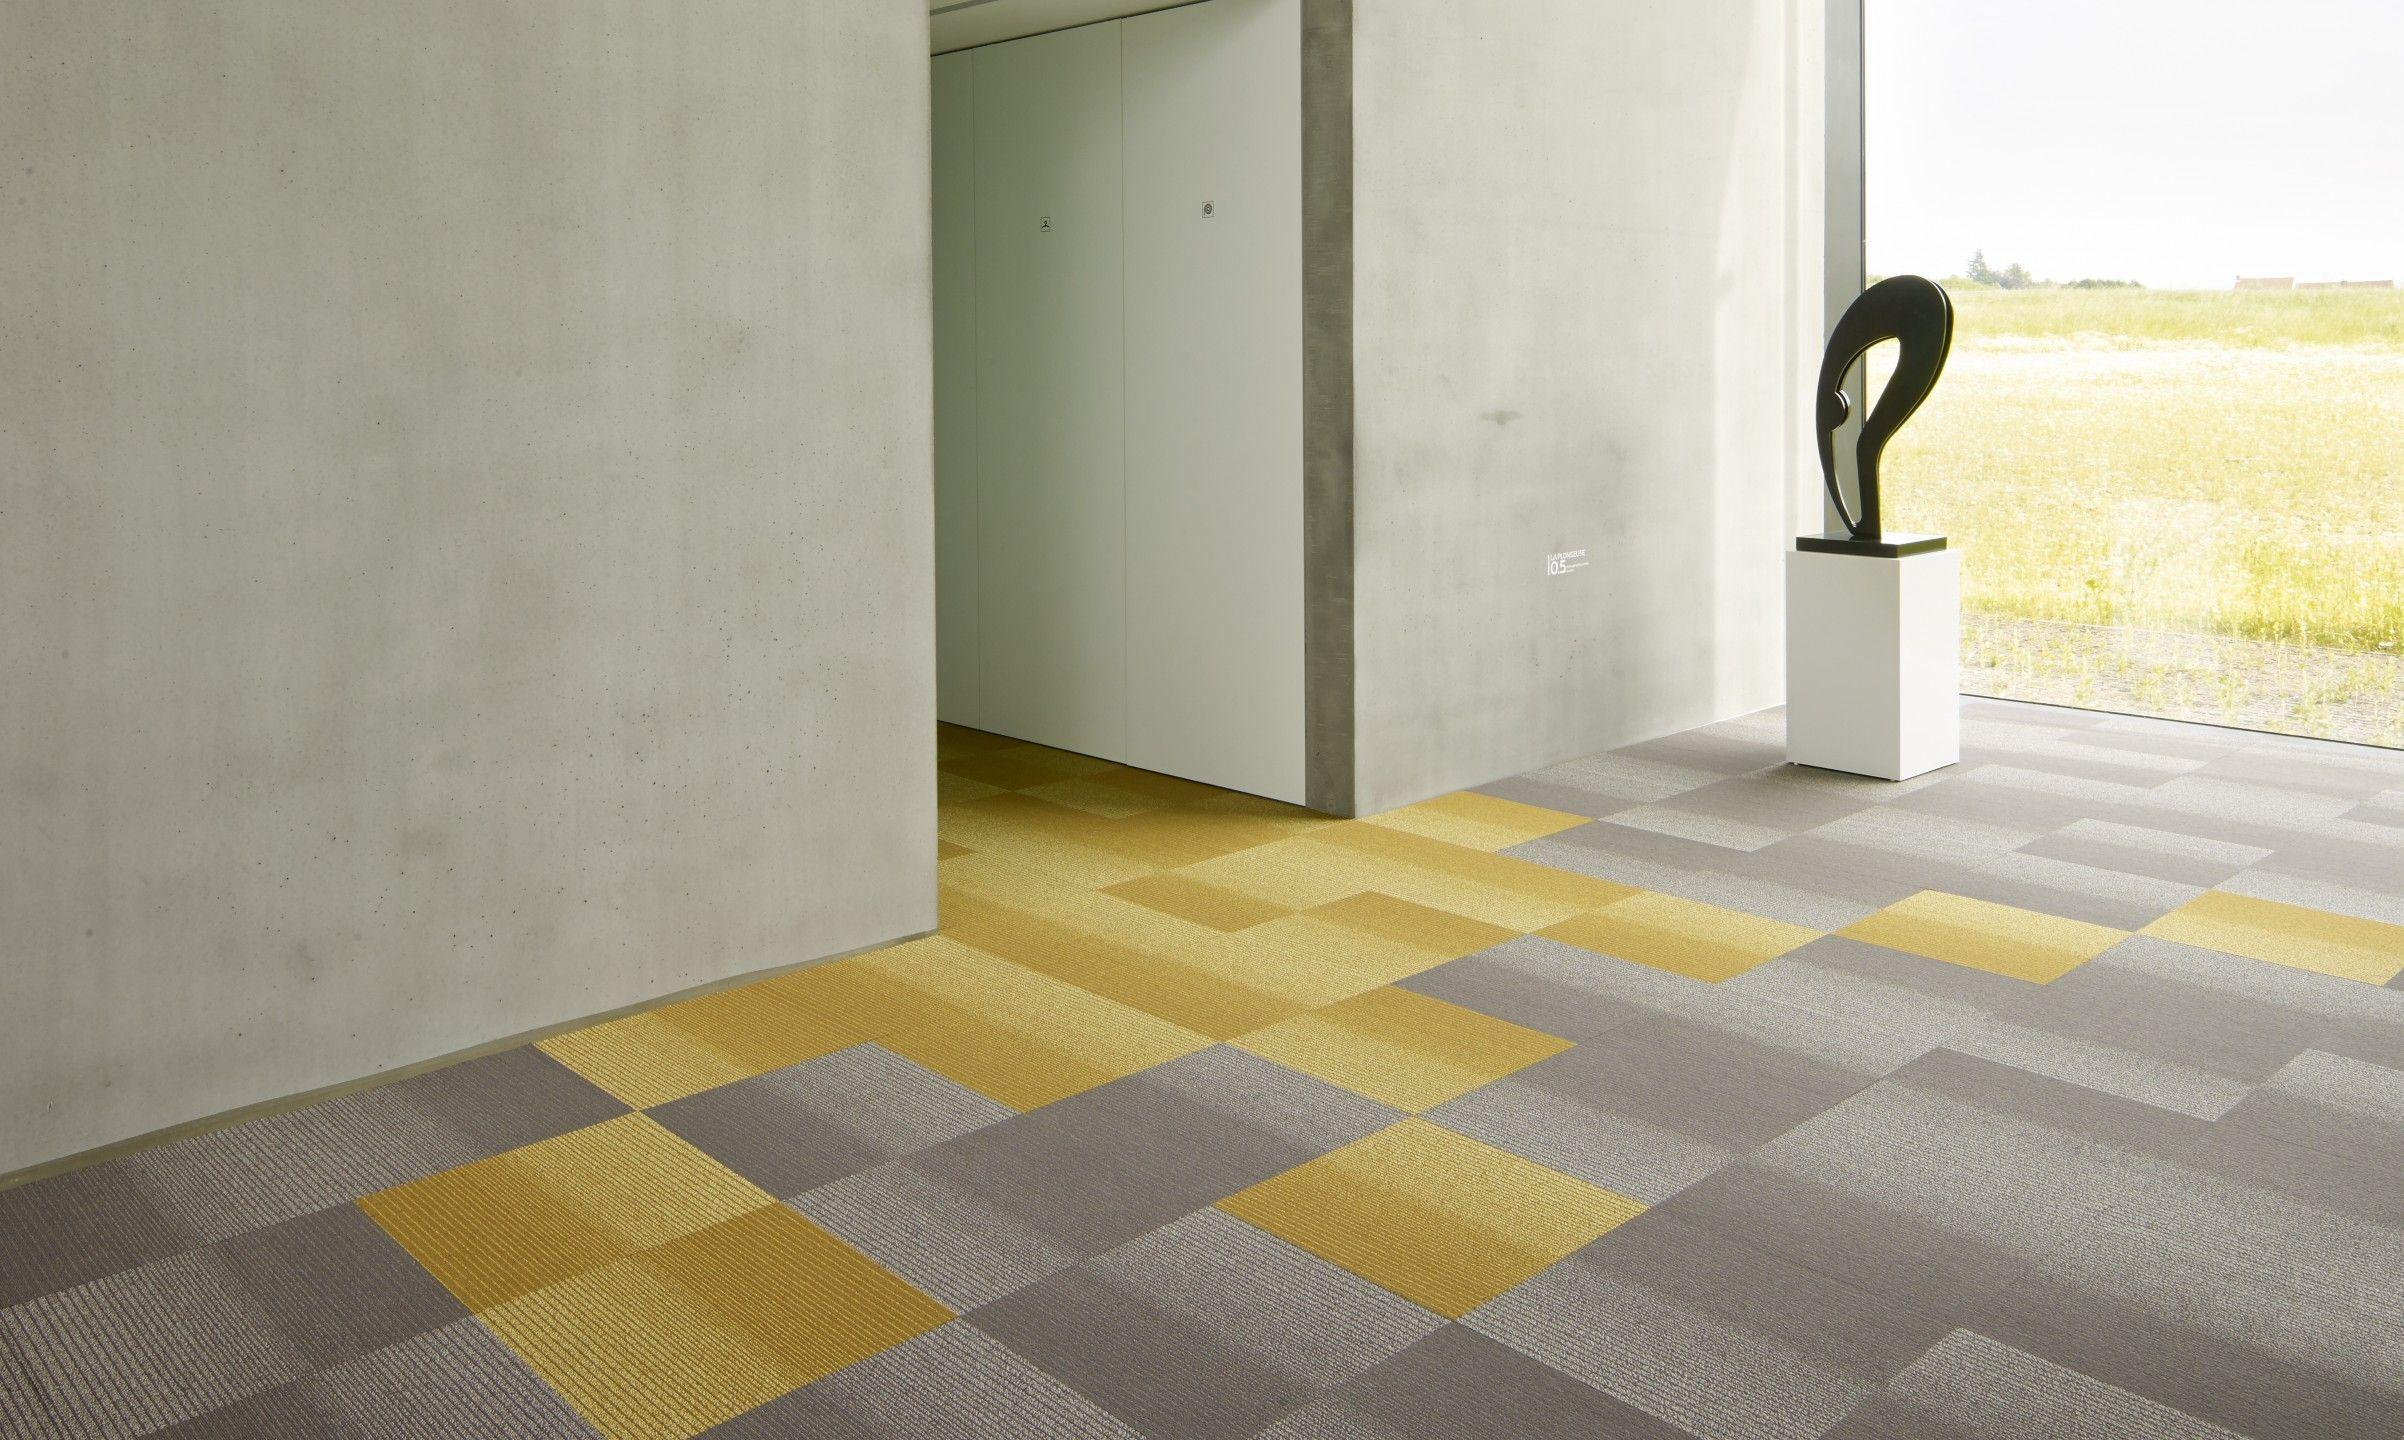 office tile flooring. Commercial Carpet Suppliers, Office Tile: Selby Carpets Tile Flooring T